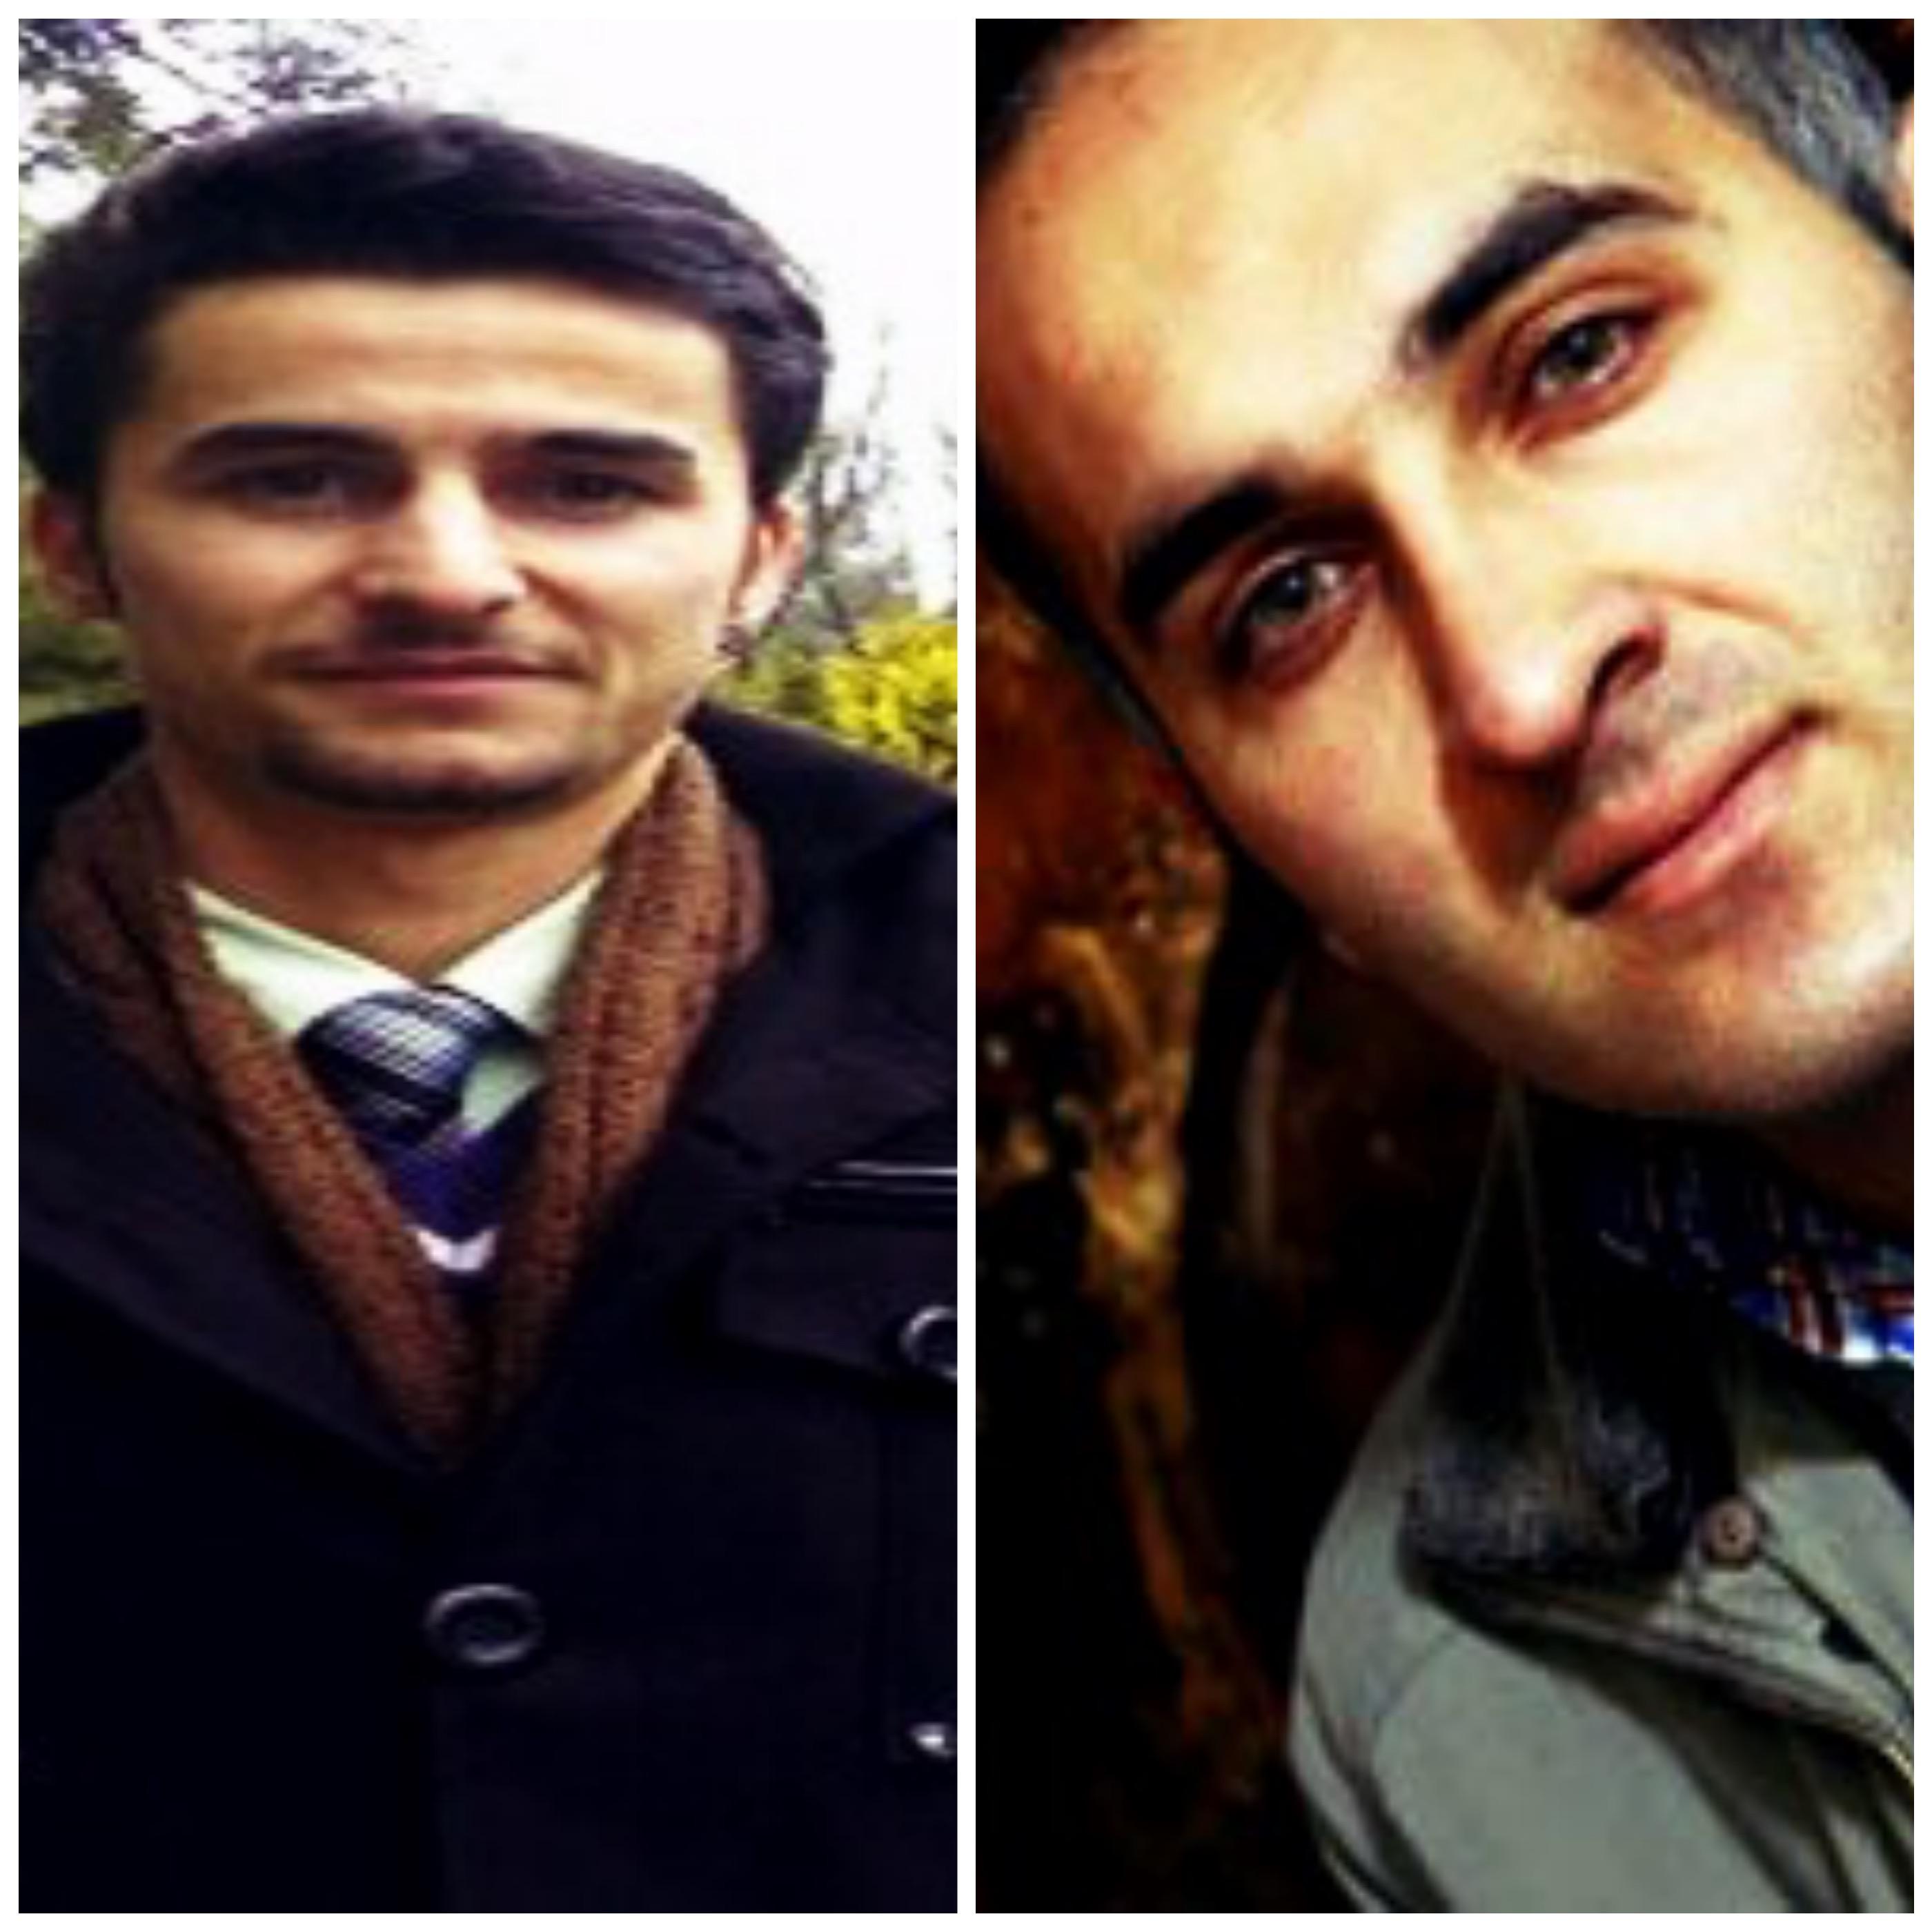 دادگاه تجدیدنظر حکم دو فعال تبریزی را شکست